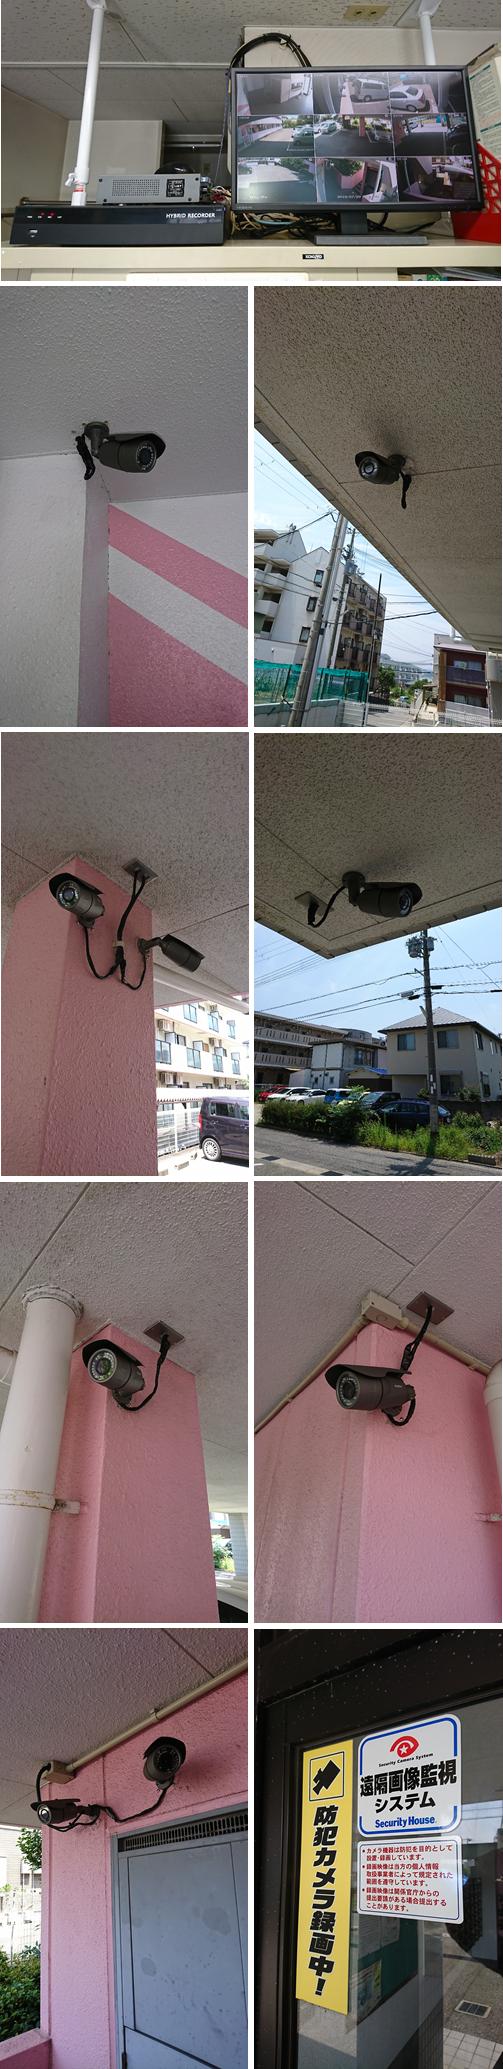 グリーンヒル学院坂・防犯カメラシステム工事